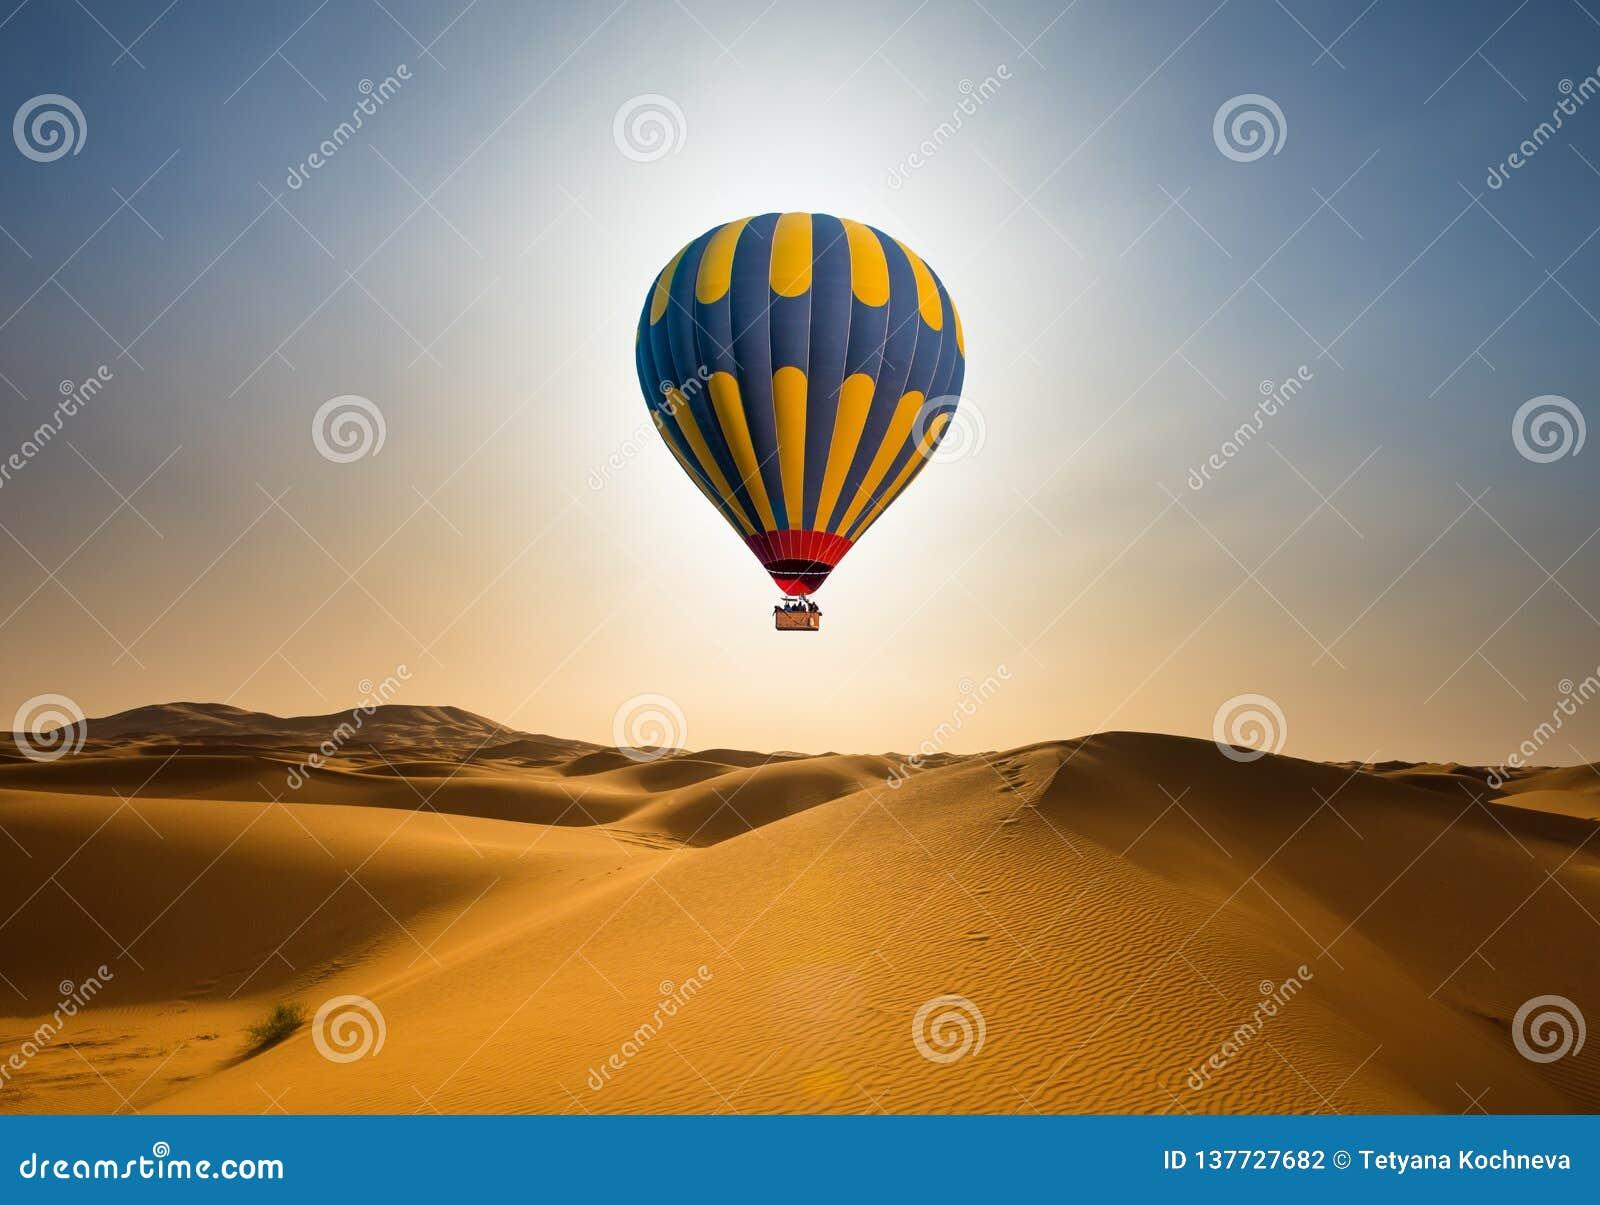 沙漠和热空气迅速增加风景在日出